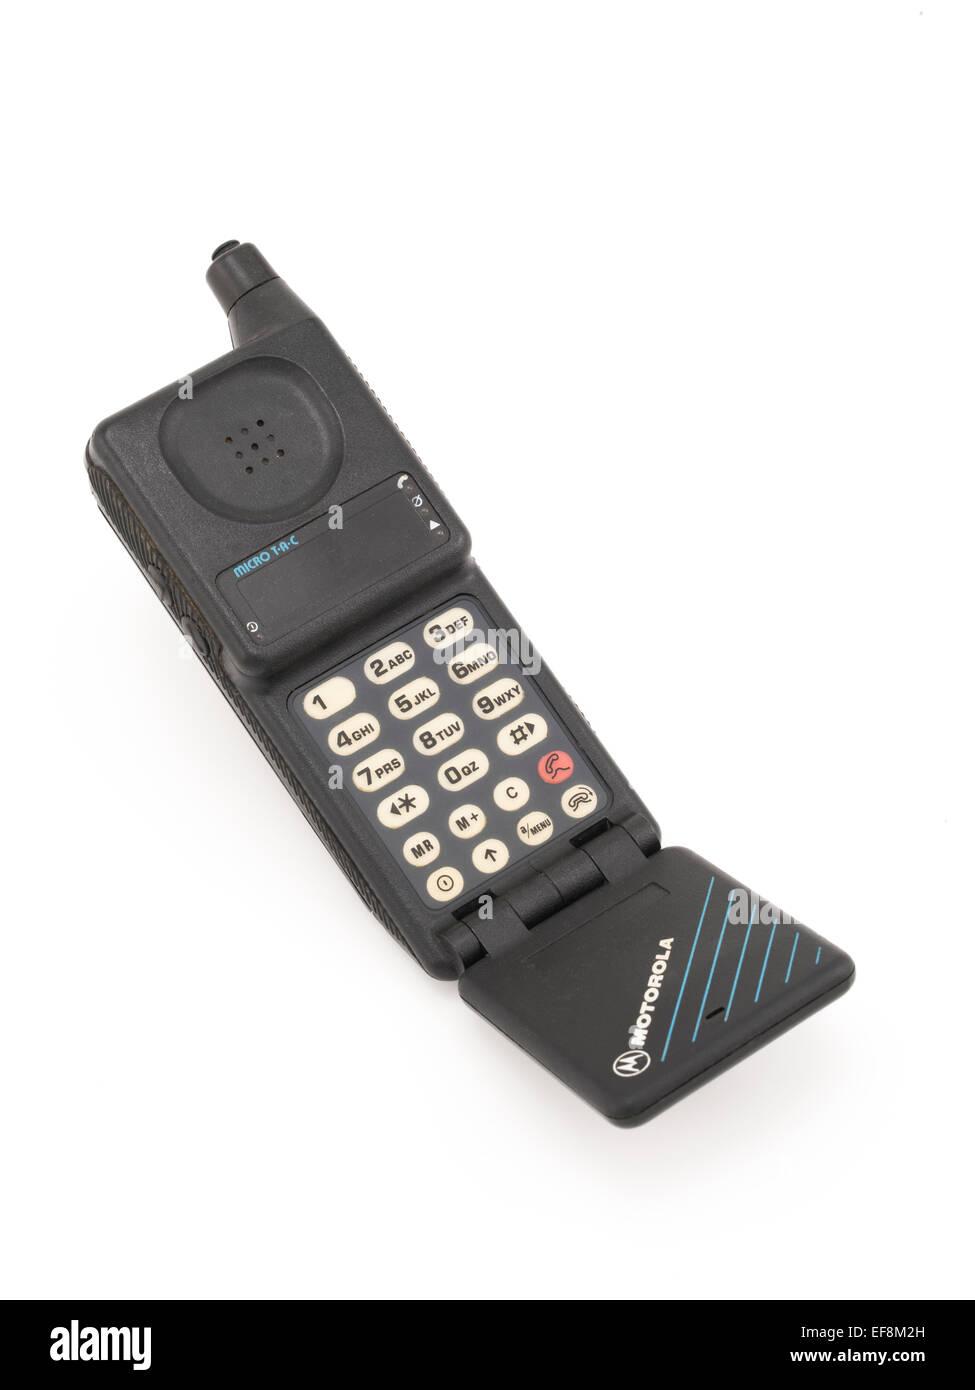 Motorola MicroTAC 9800x teléfono celular de bolsillo. 1989 diseño flip teléfono analógico. Imagen De Stock